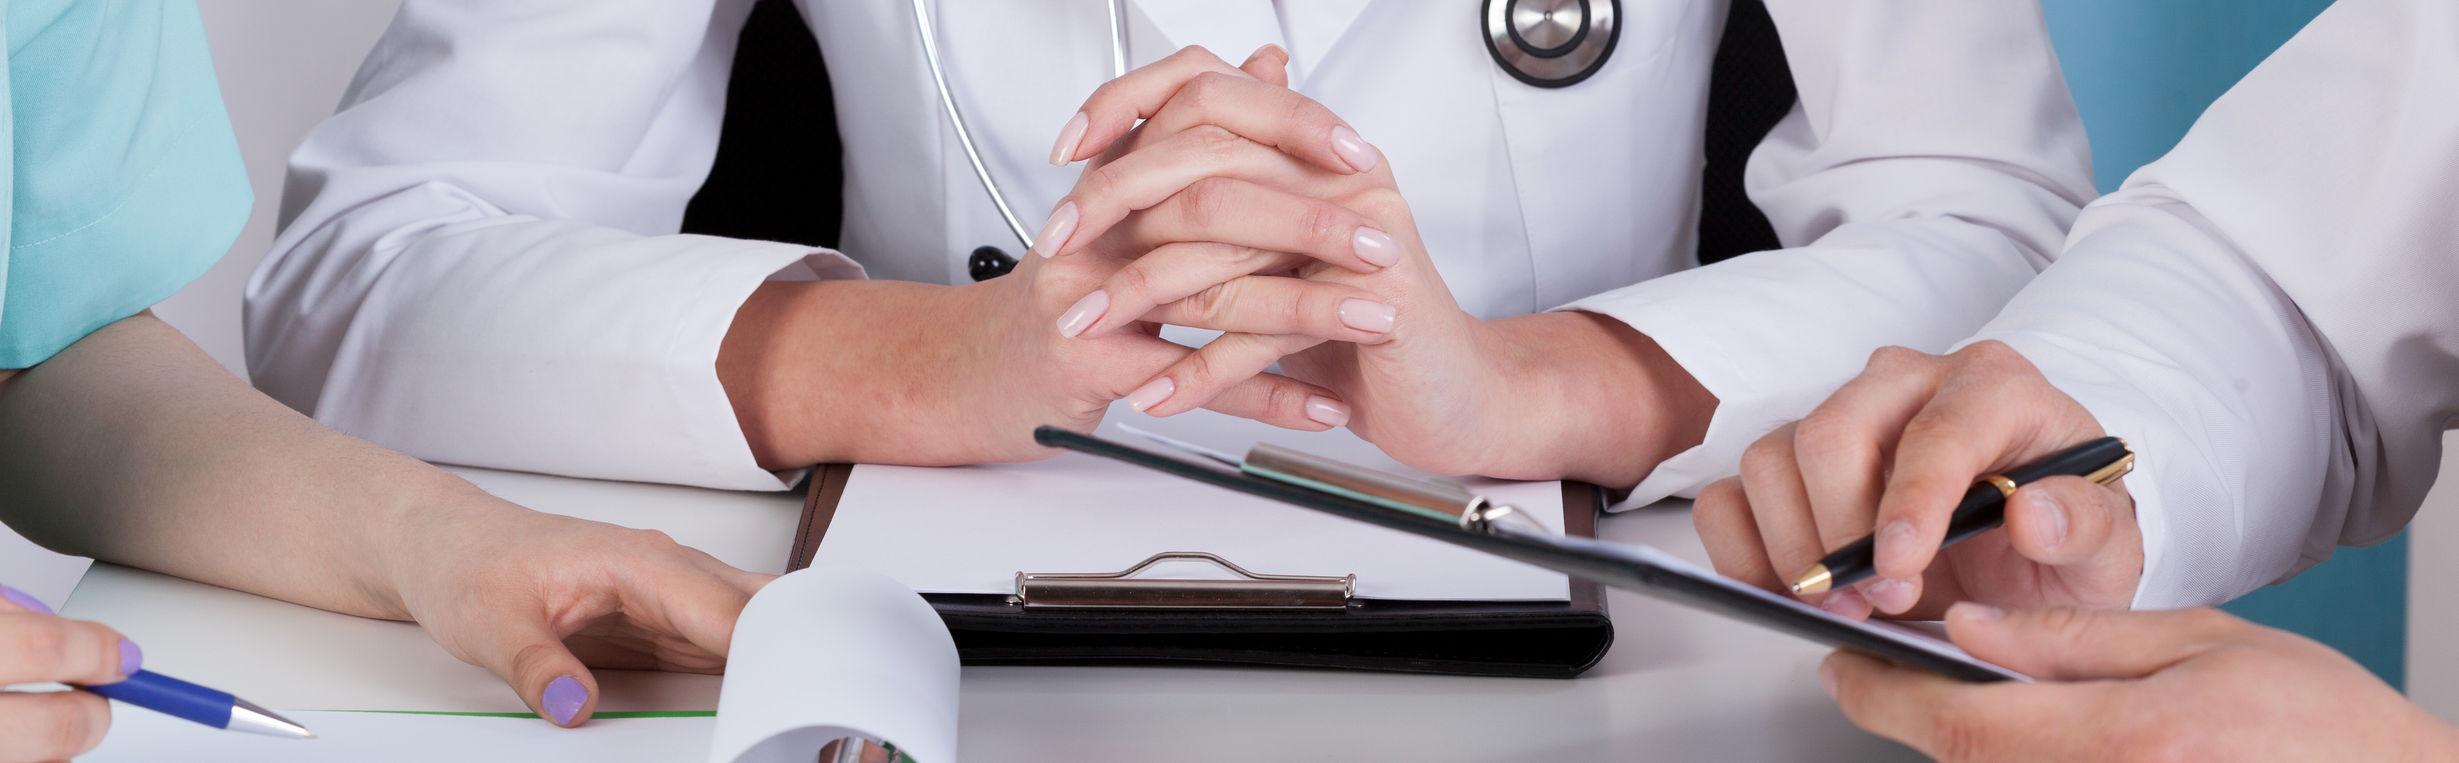 La sperimentazione clinica in ambito ospedaliero: alcune considerazionie sul ruolo del comitato etico e riflessi assicurativi